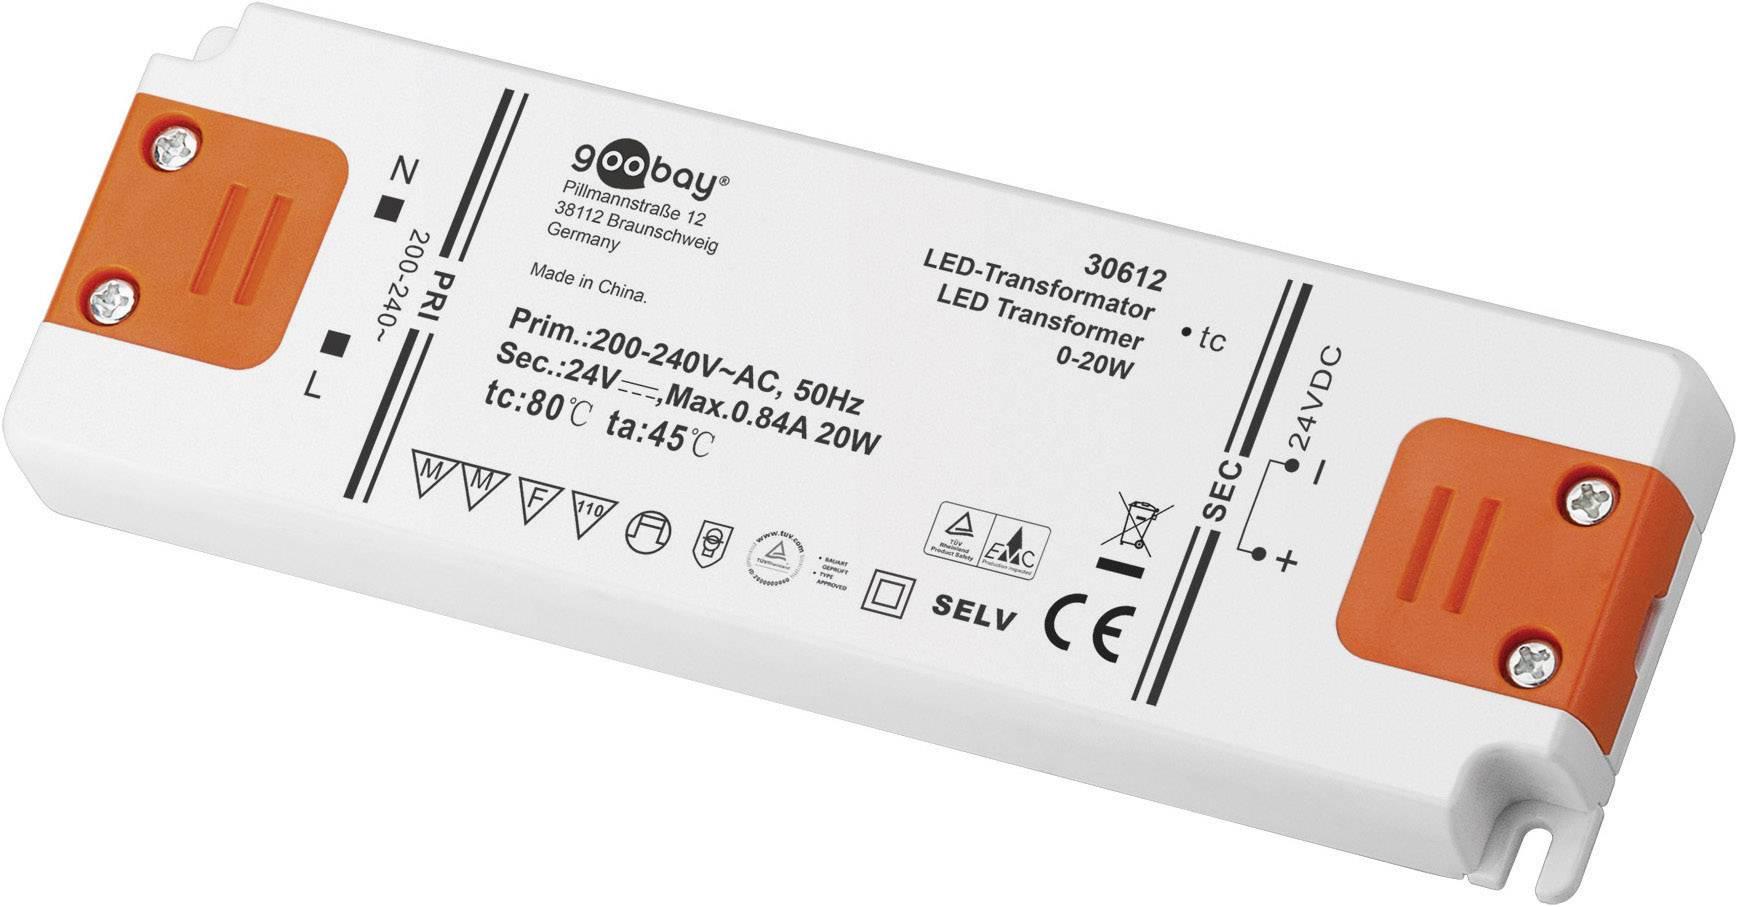 Napájací zdroj pre LED Goobay SET 24-20 LED slim, 0 do 20 W, 0.84 A, 24 V/DC